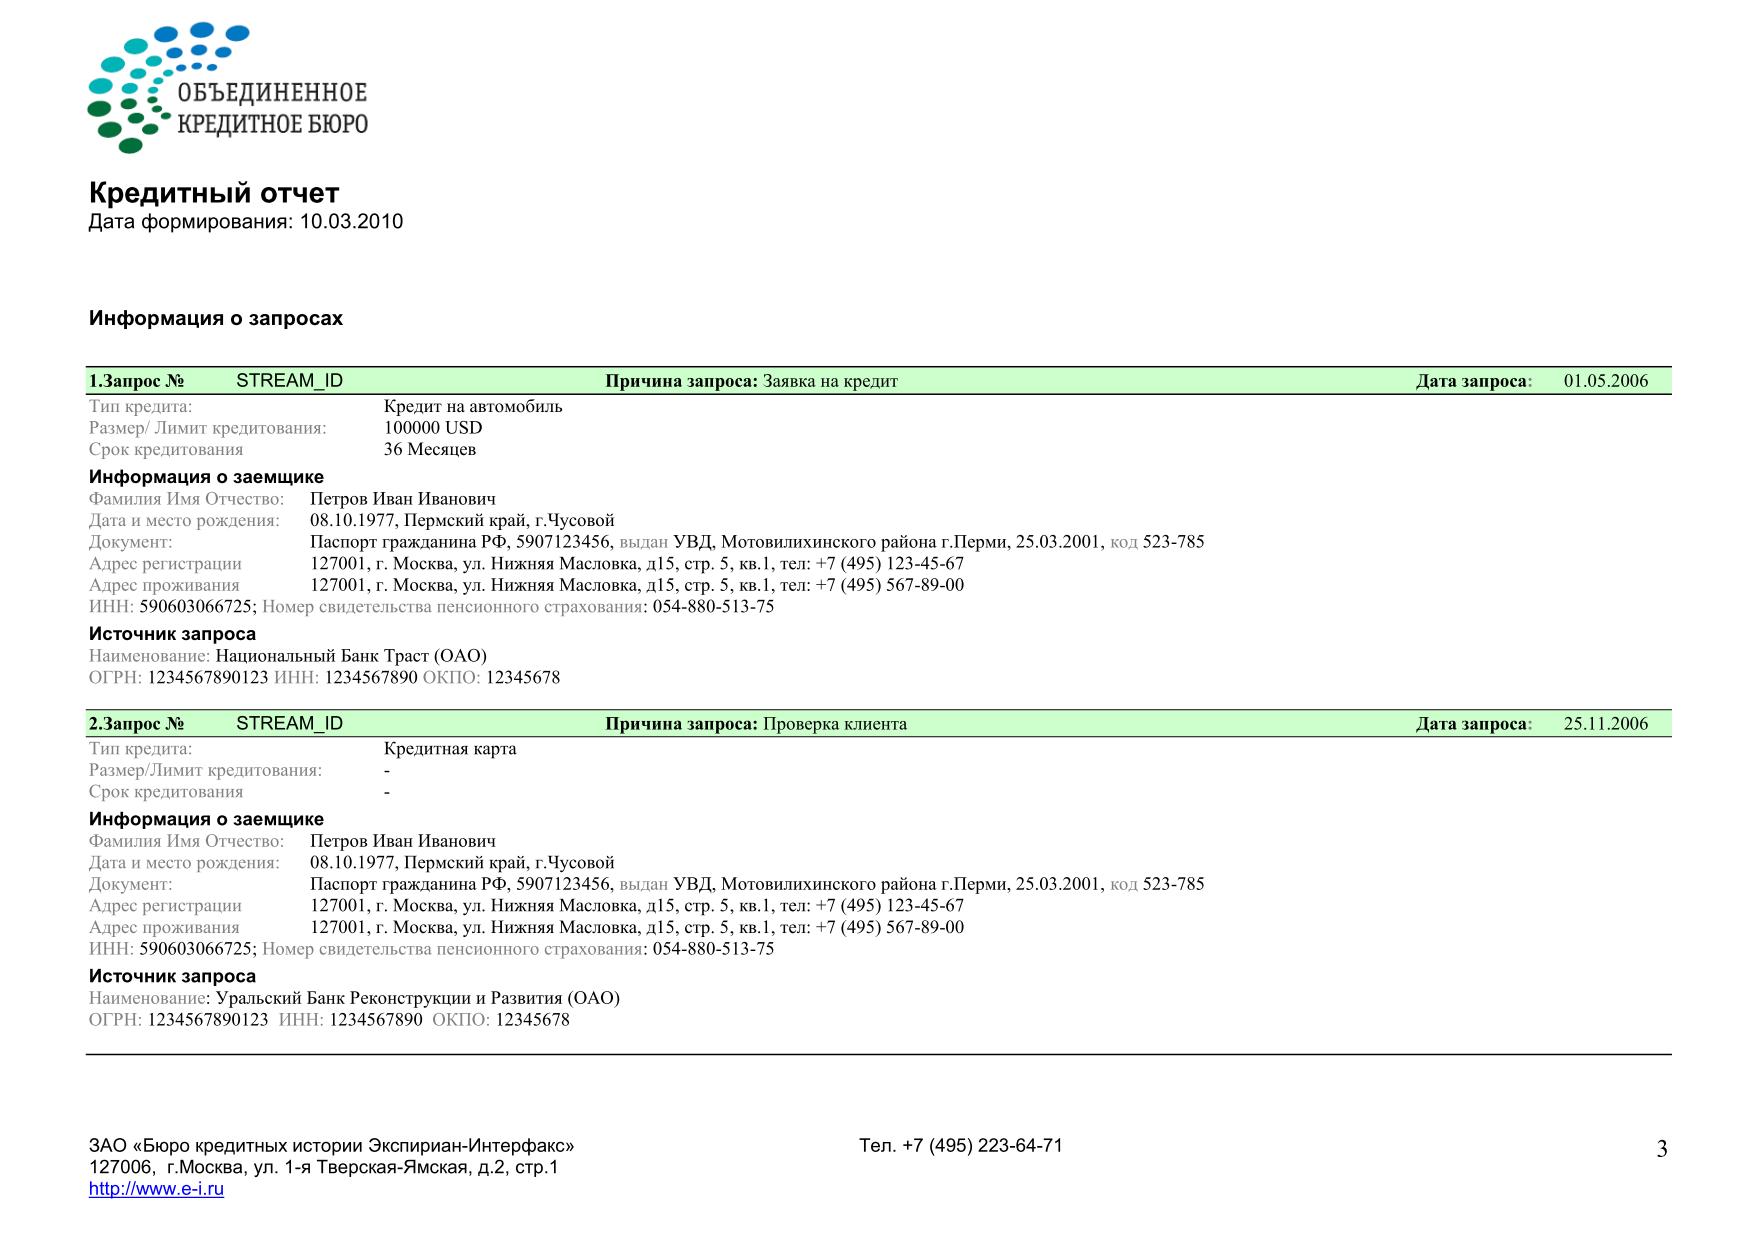 заявление в бюро кредитных историй образец